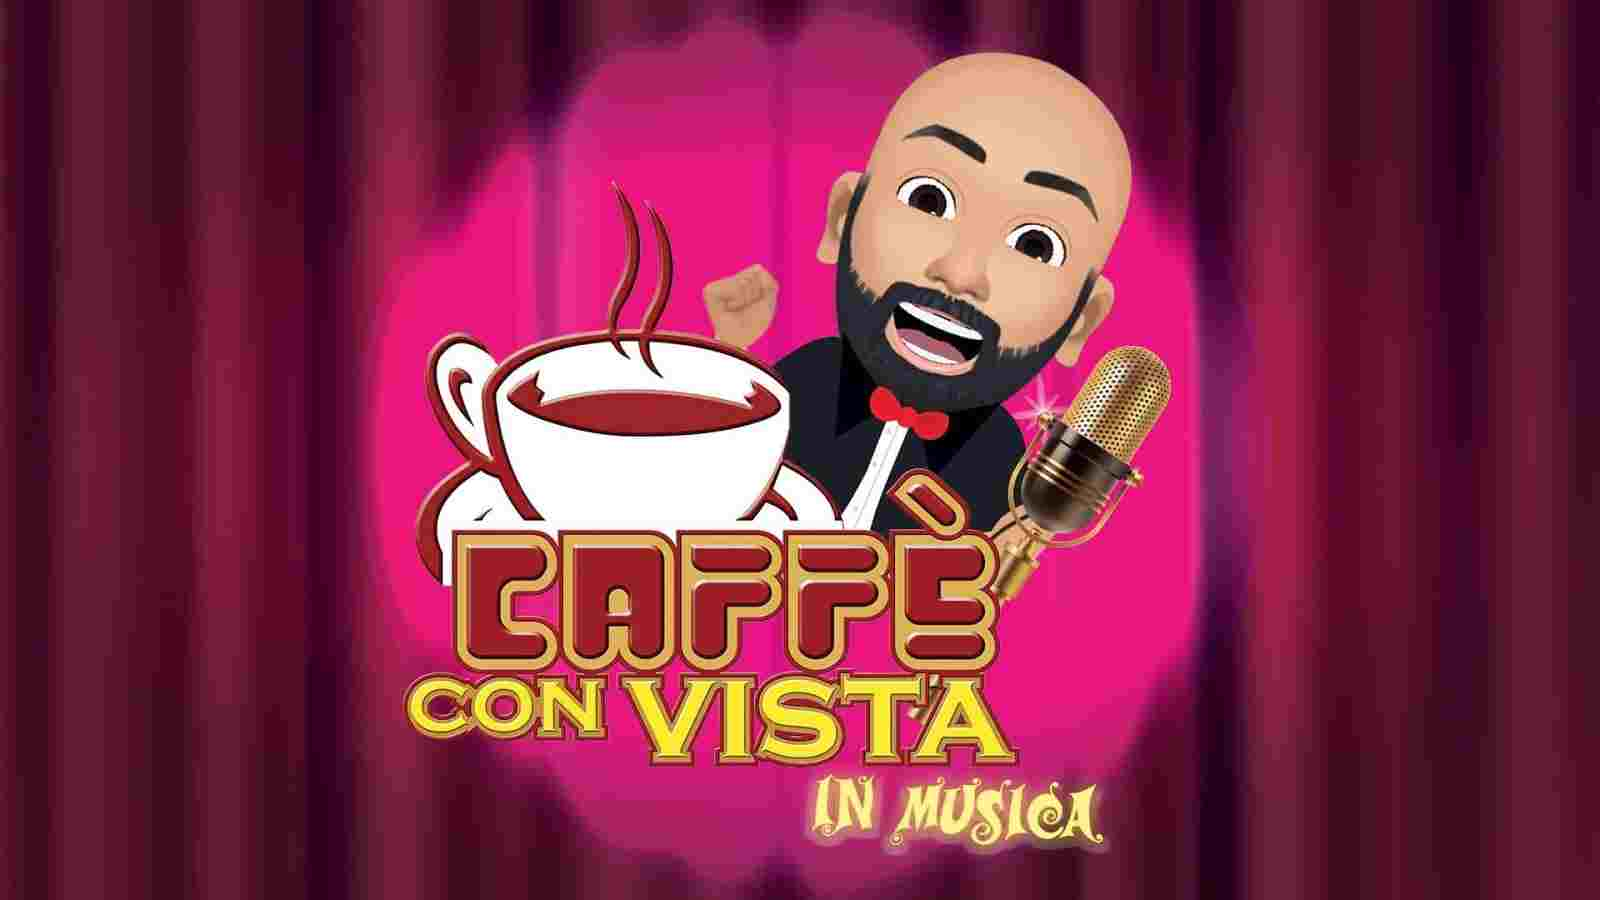 """MIRCO REALDINI: """"Caffè con Vista, in musica"""" è il nuovo talent dell'autore e presentatore"""